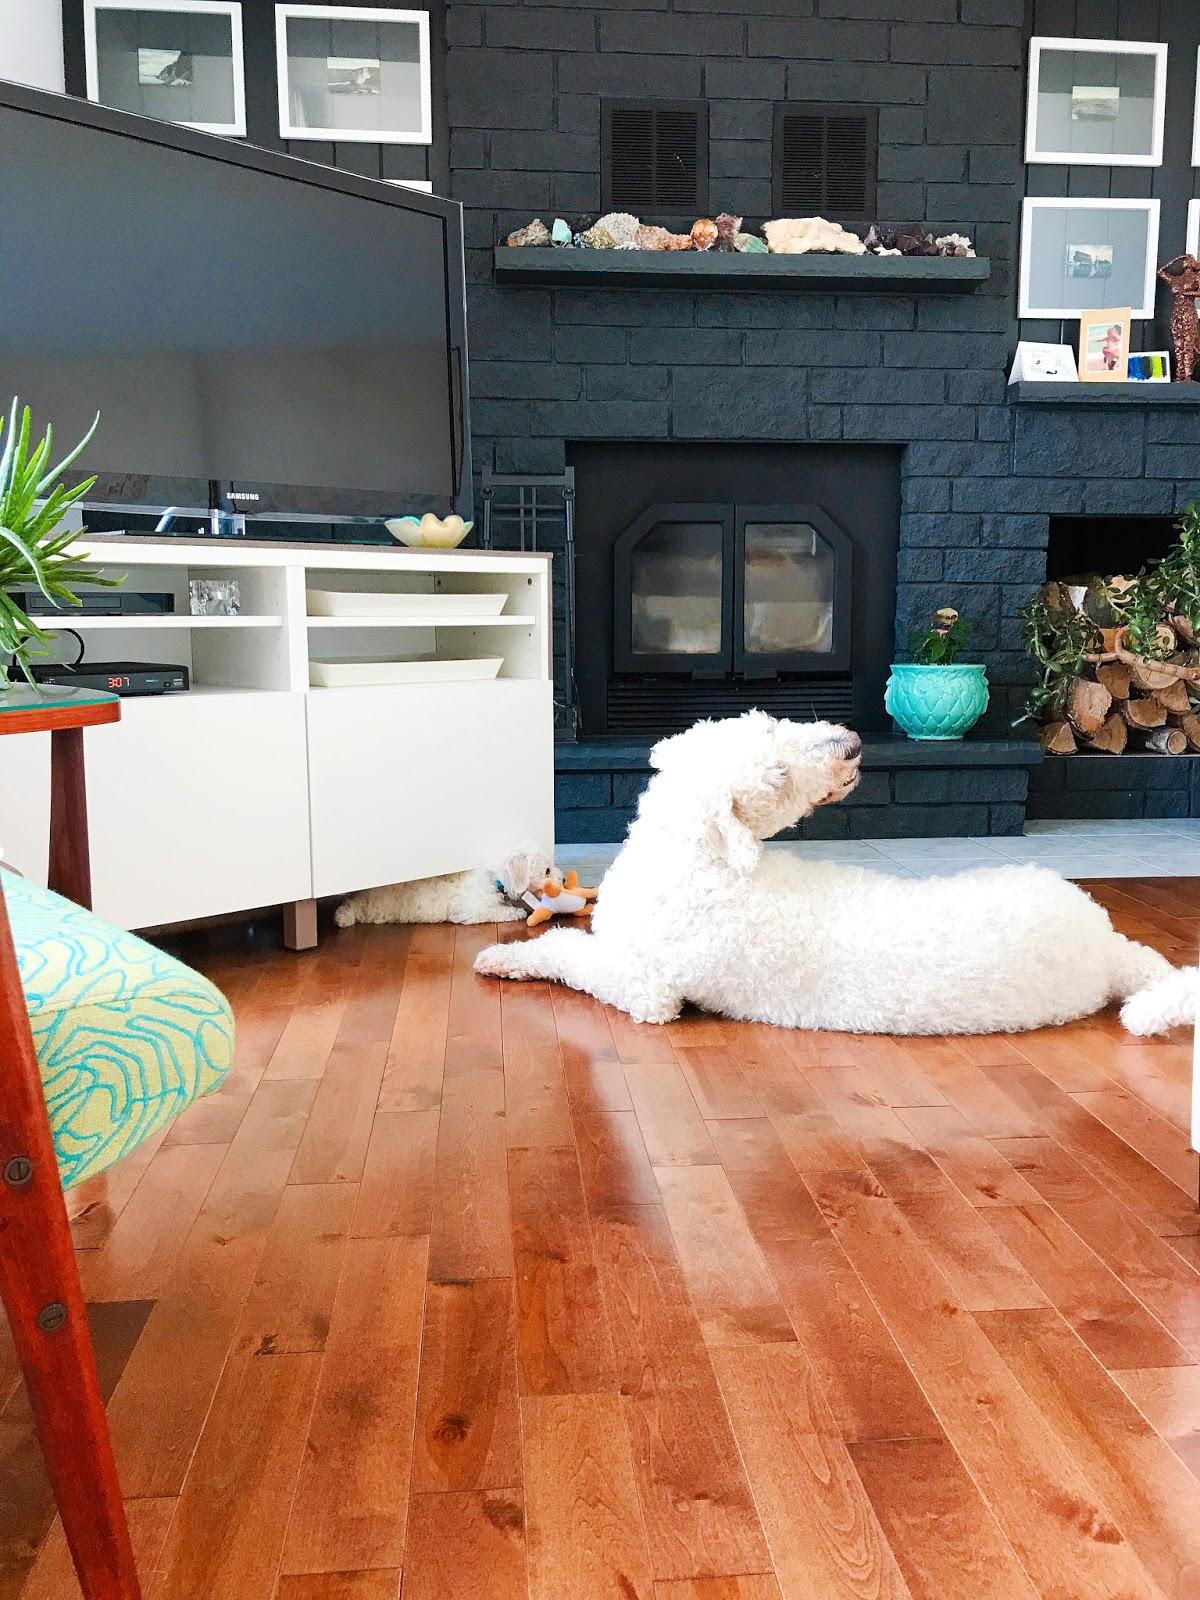 Bichon Frise Puppy with Komondor